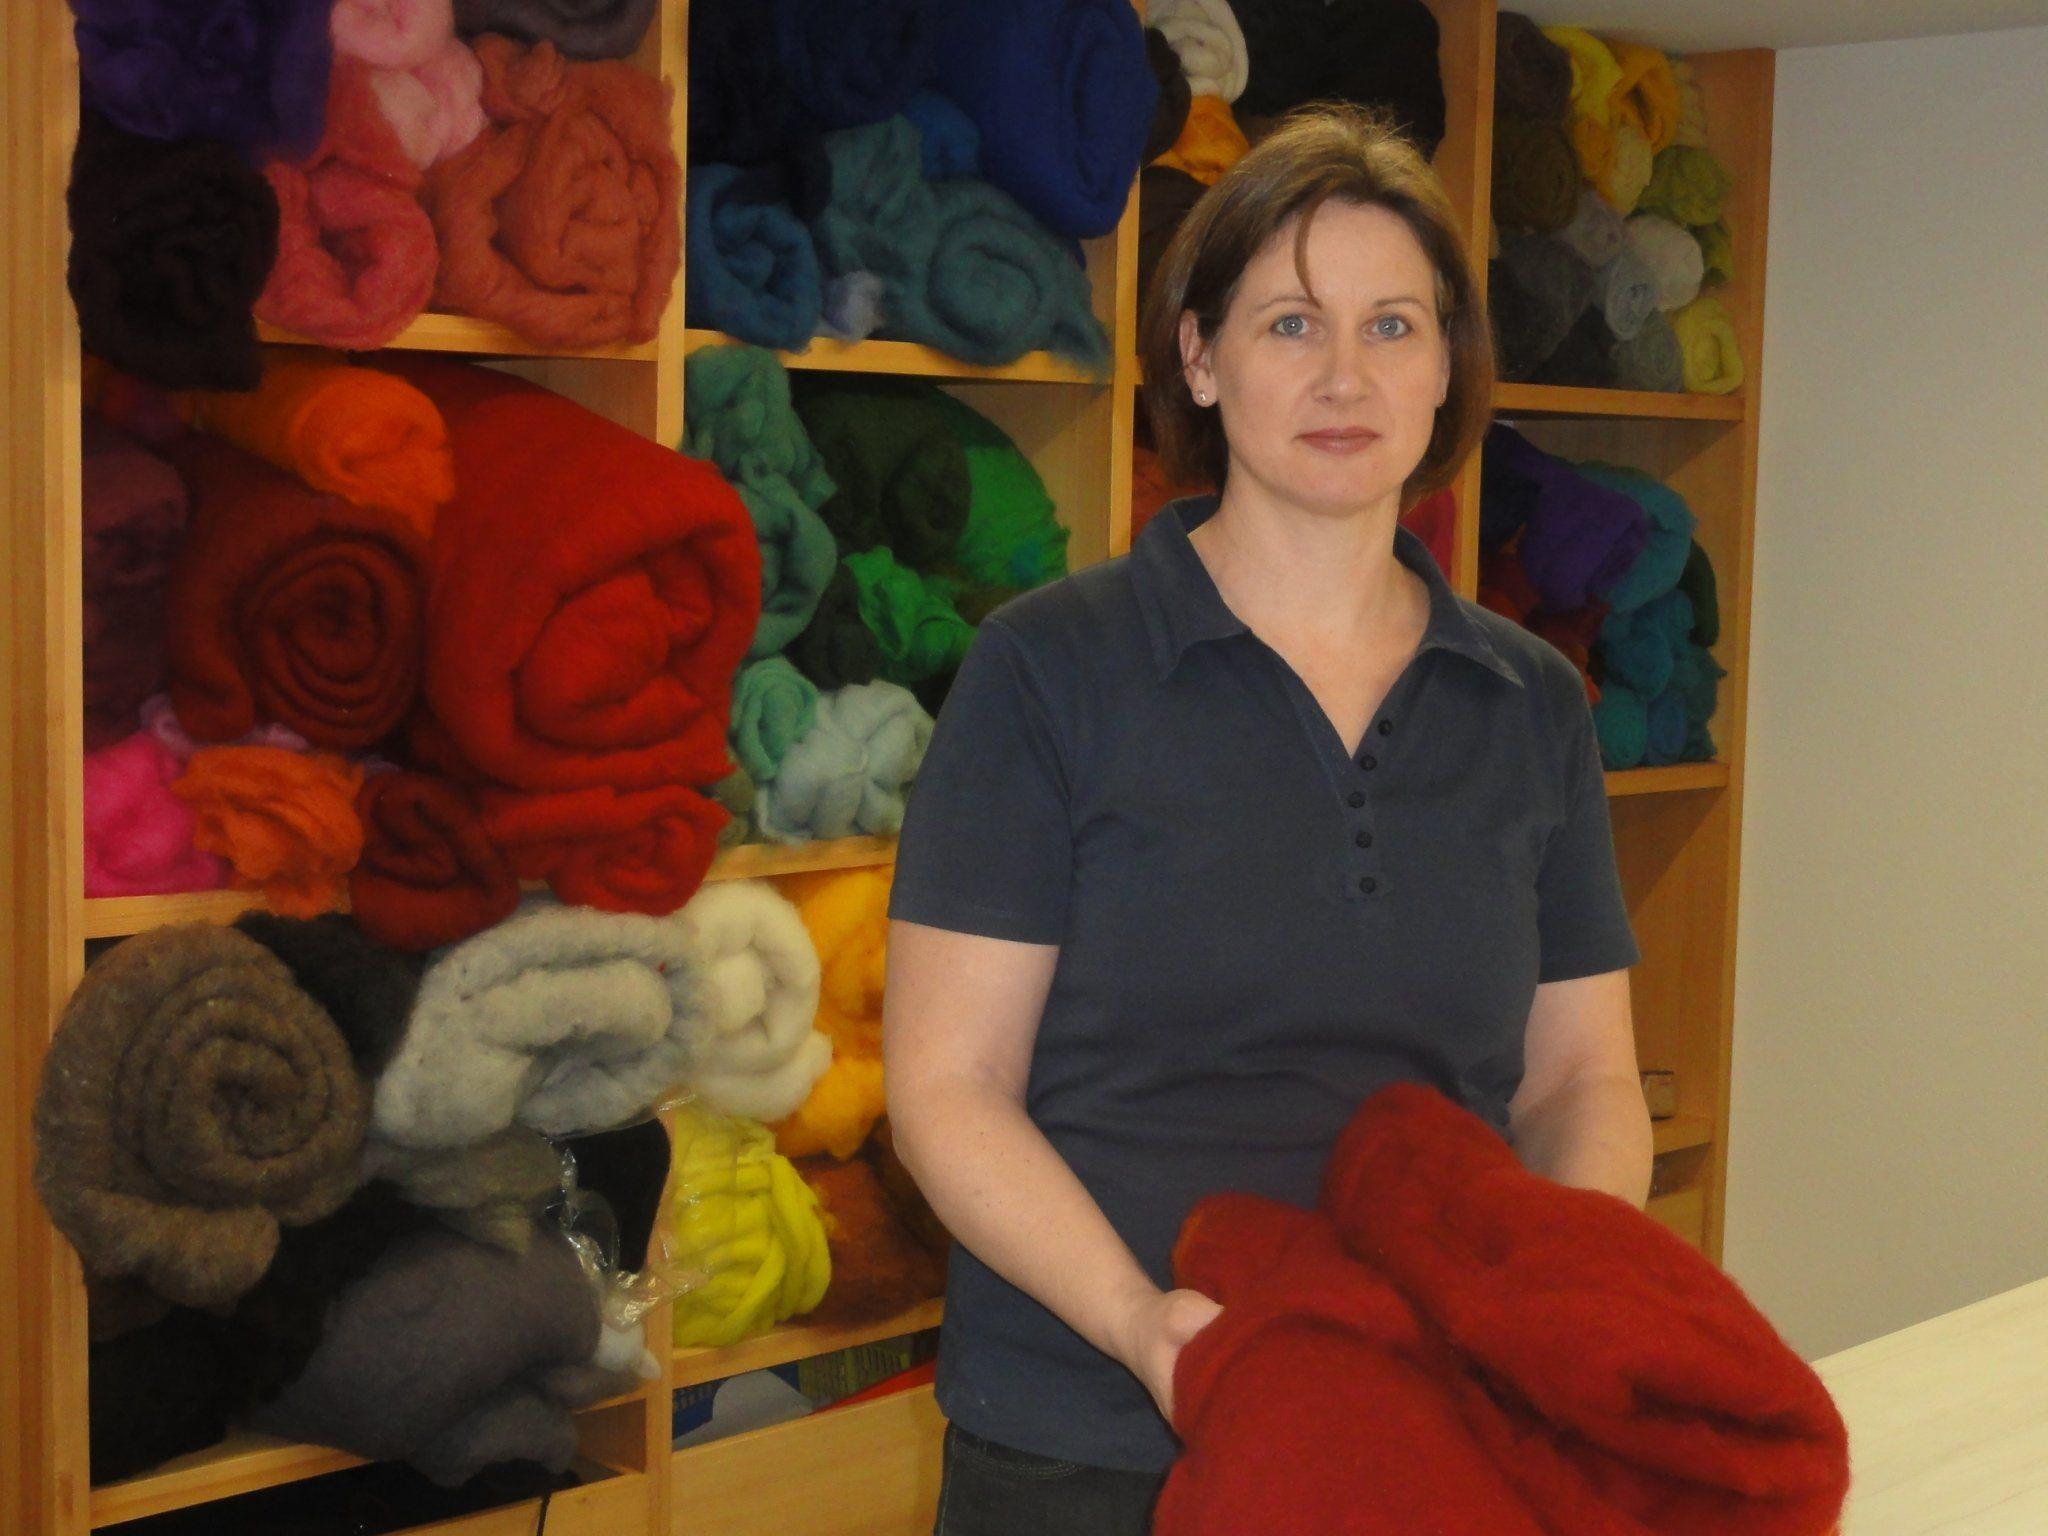 Marianna Moosbrugger startete ein Filzprojekt in Albanien.